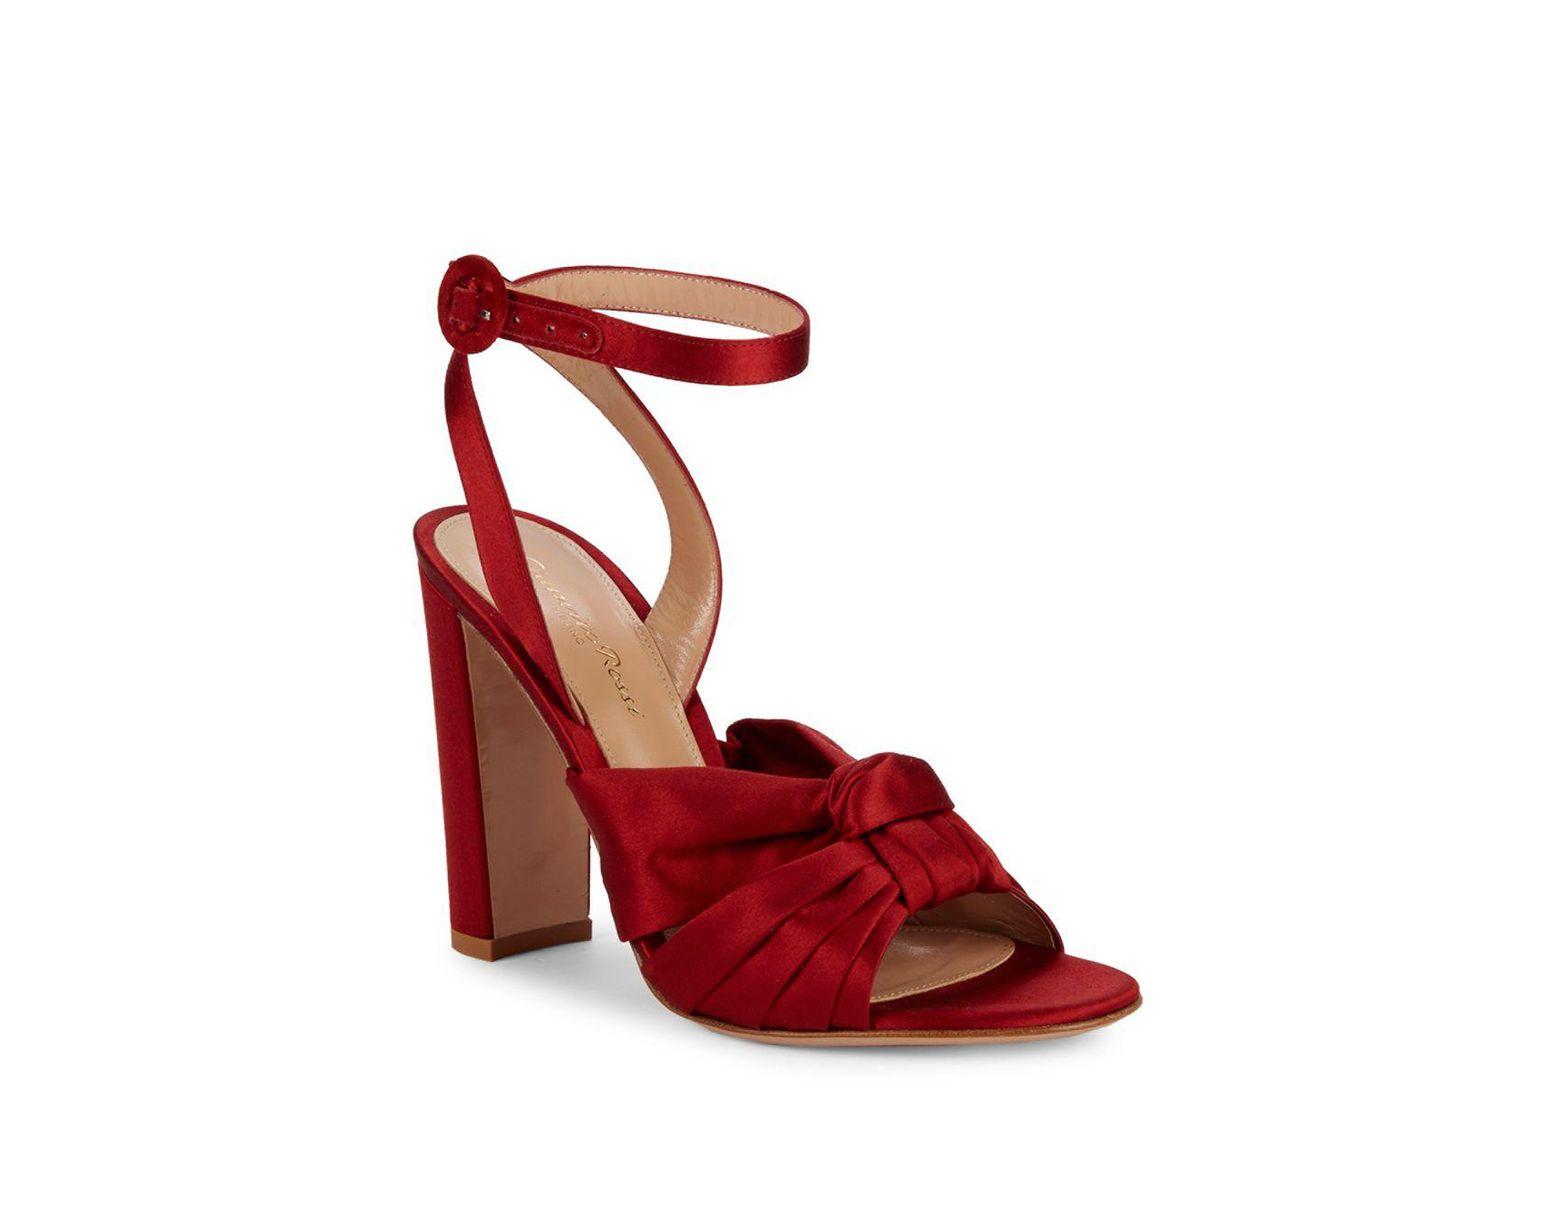 003418c304c Women's Red Satin Knot Block Heel Sandals